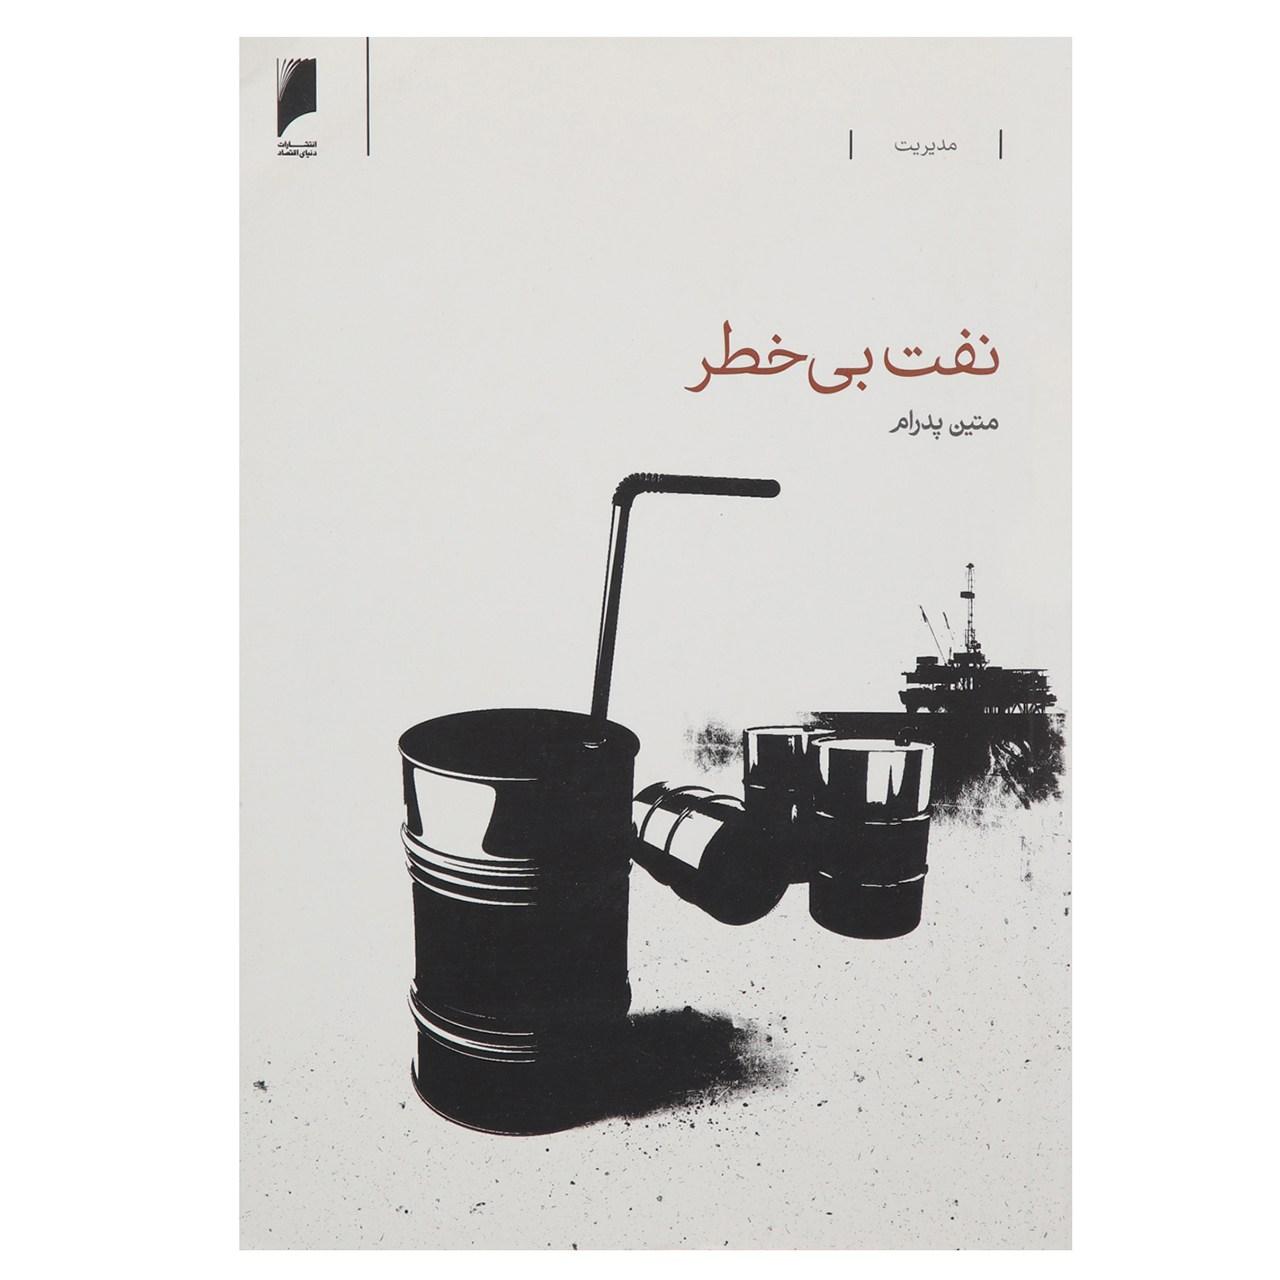 کتاب نفت بی خطر اثر متین پدرام